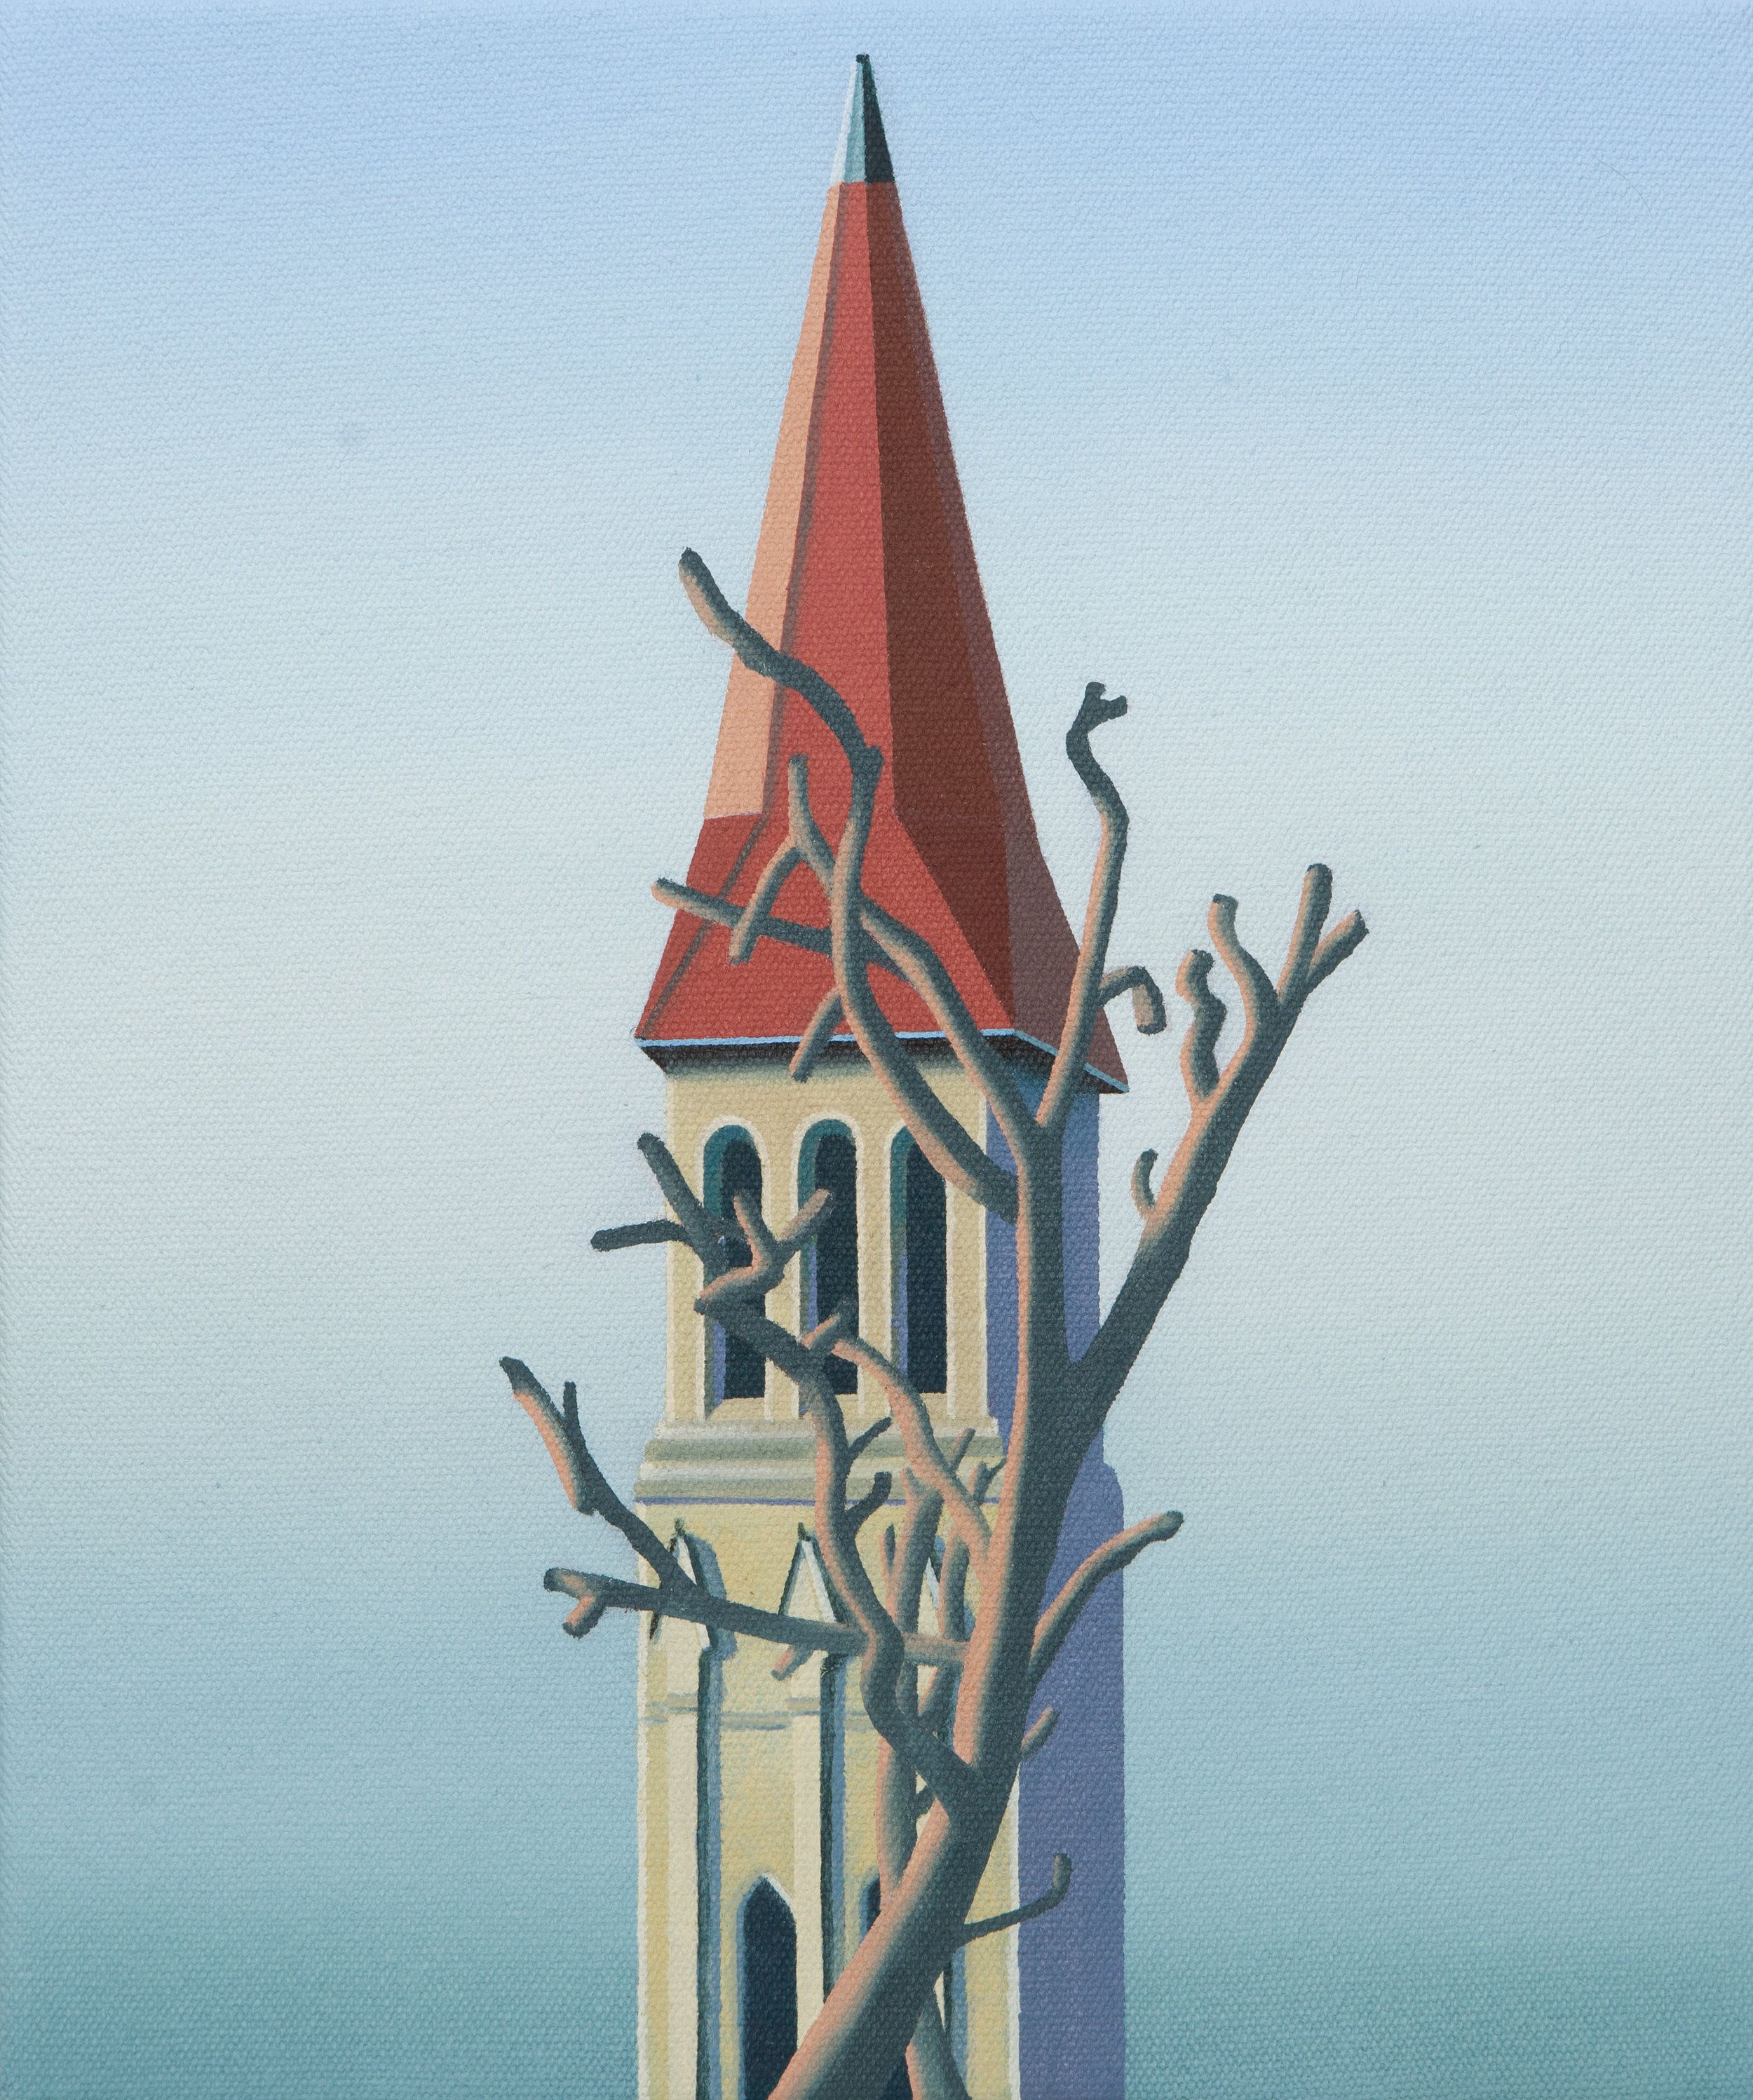 """Steeple & Tree, 2019. Oil on canvas 12"""" x 10"""""""